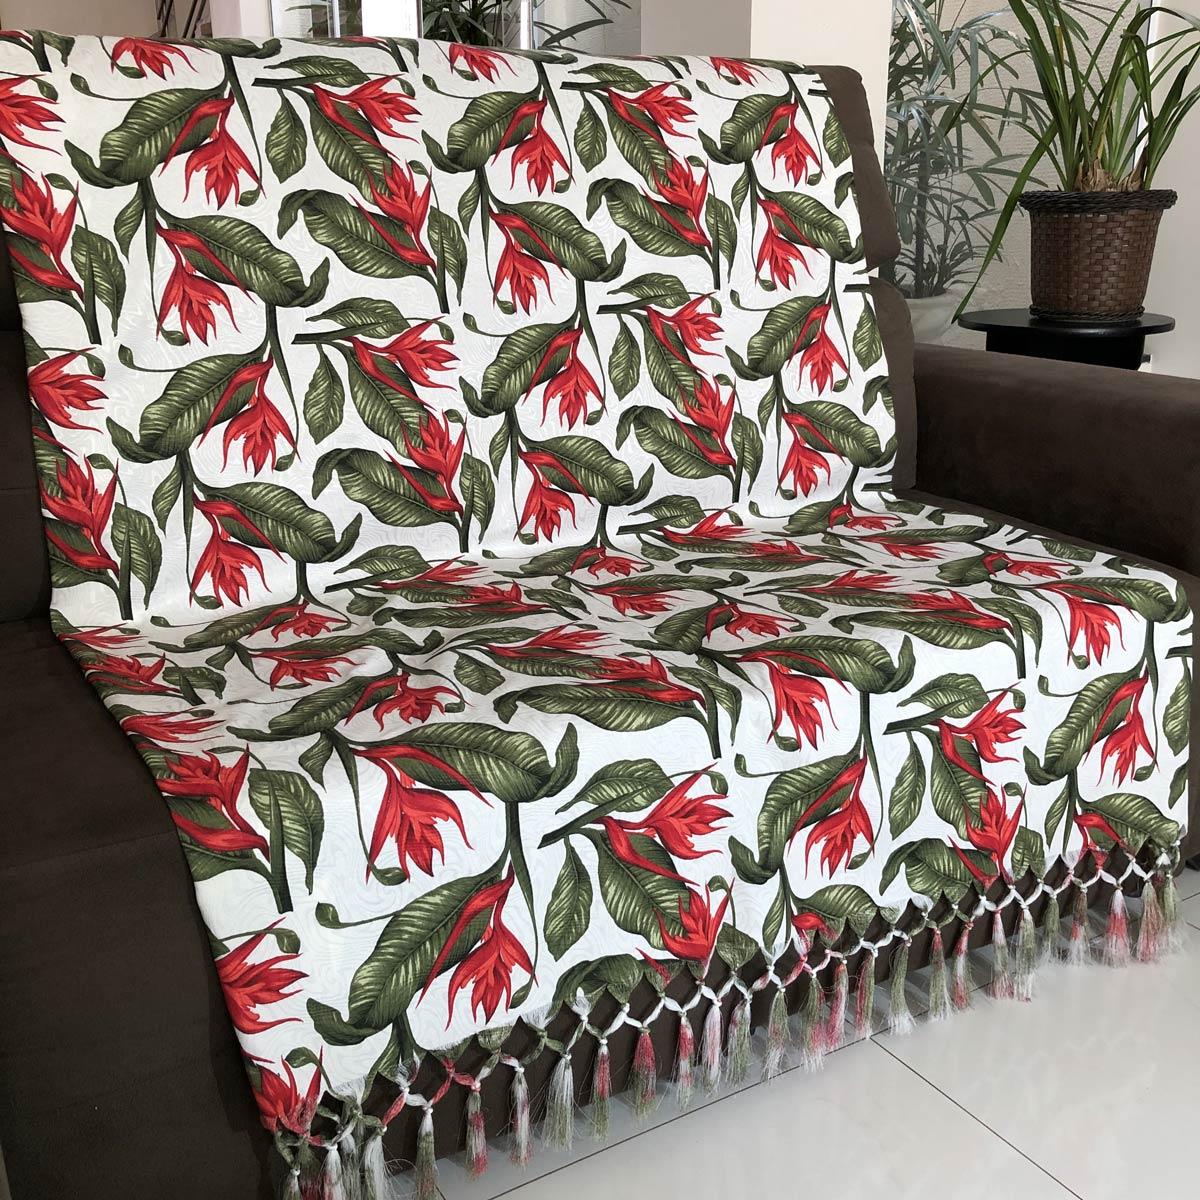 Manta Para Sofá em Tecido Jacquard Floral 190x140cm